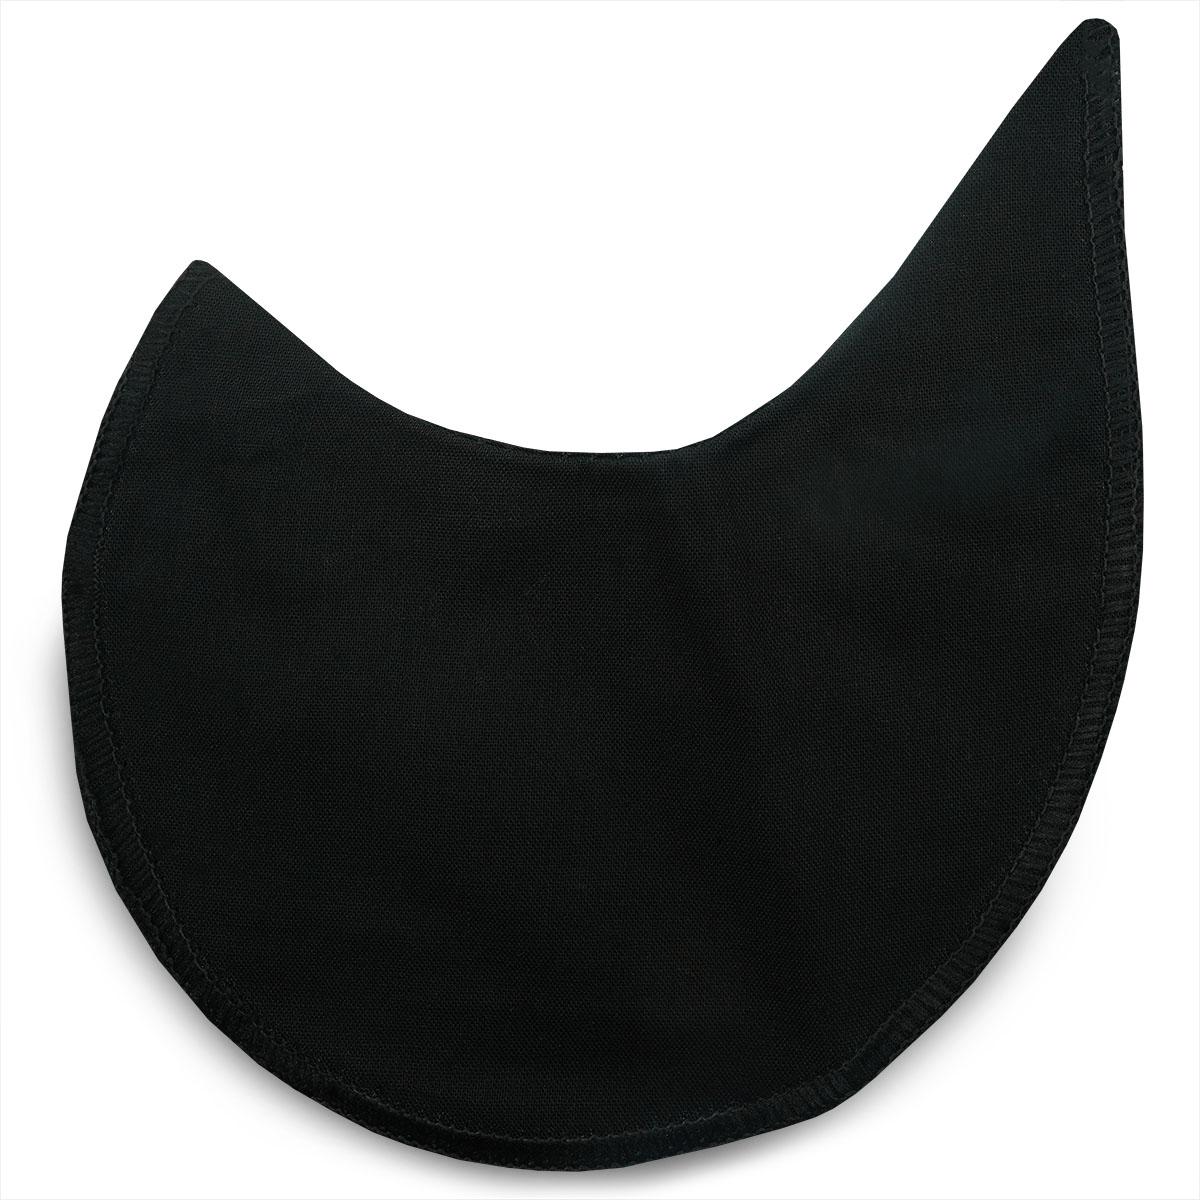 994185 Подмышники размер S 100% хлопок, черный цв. 2шт Prym